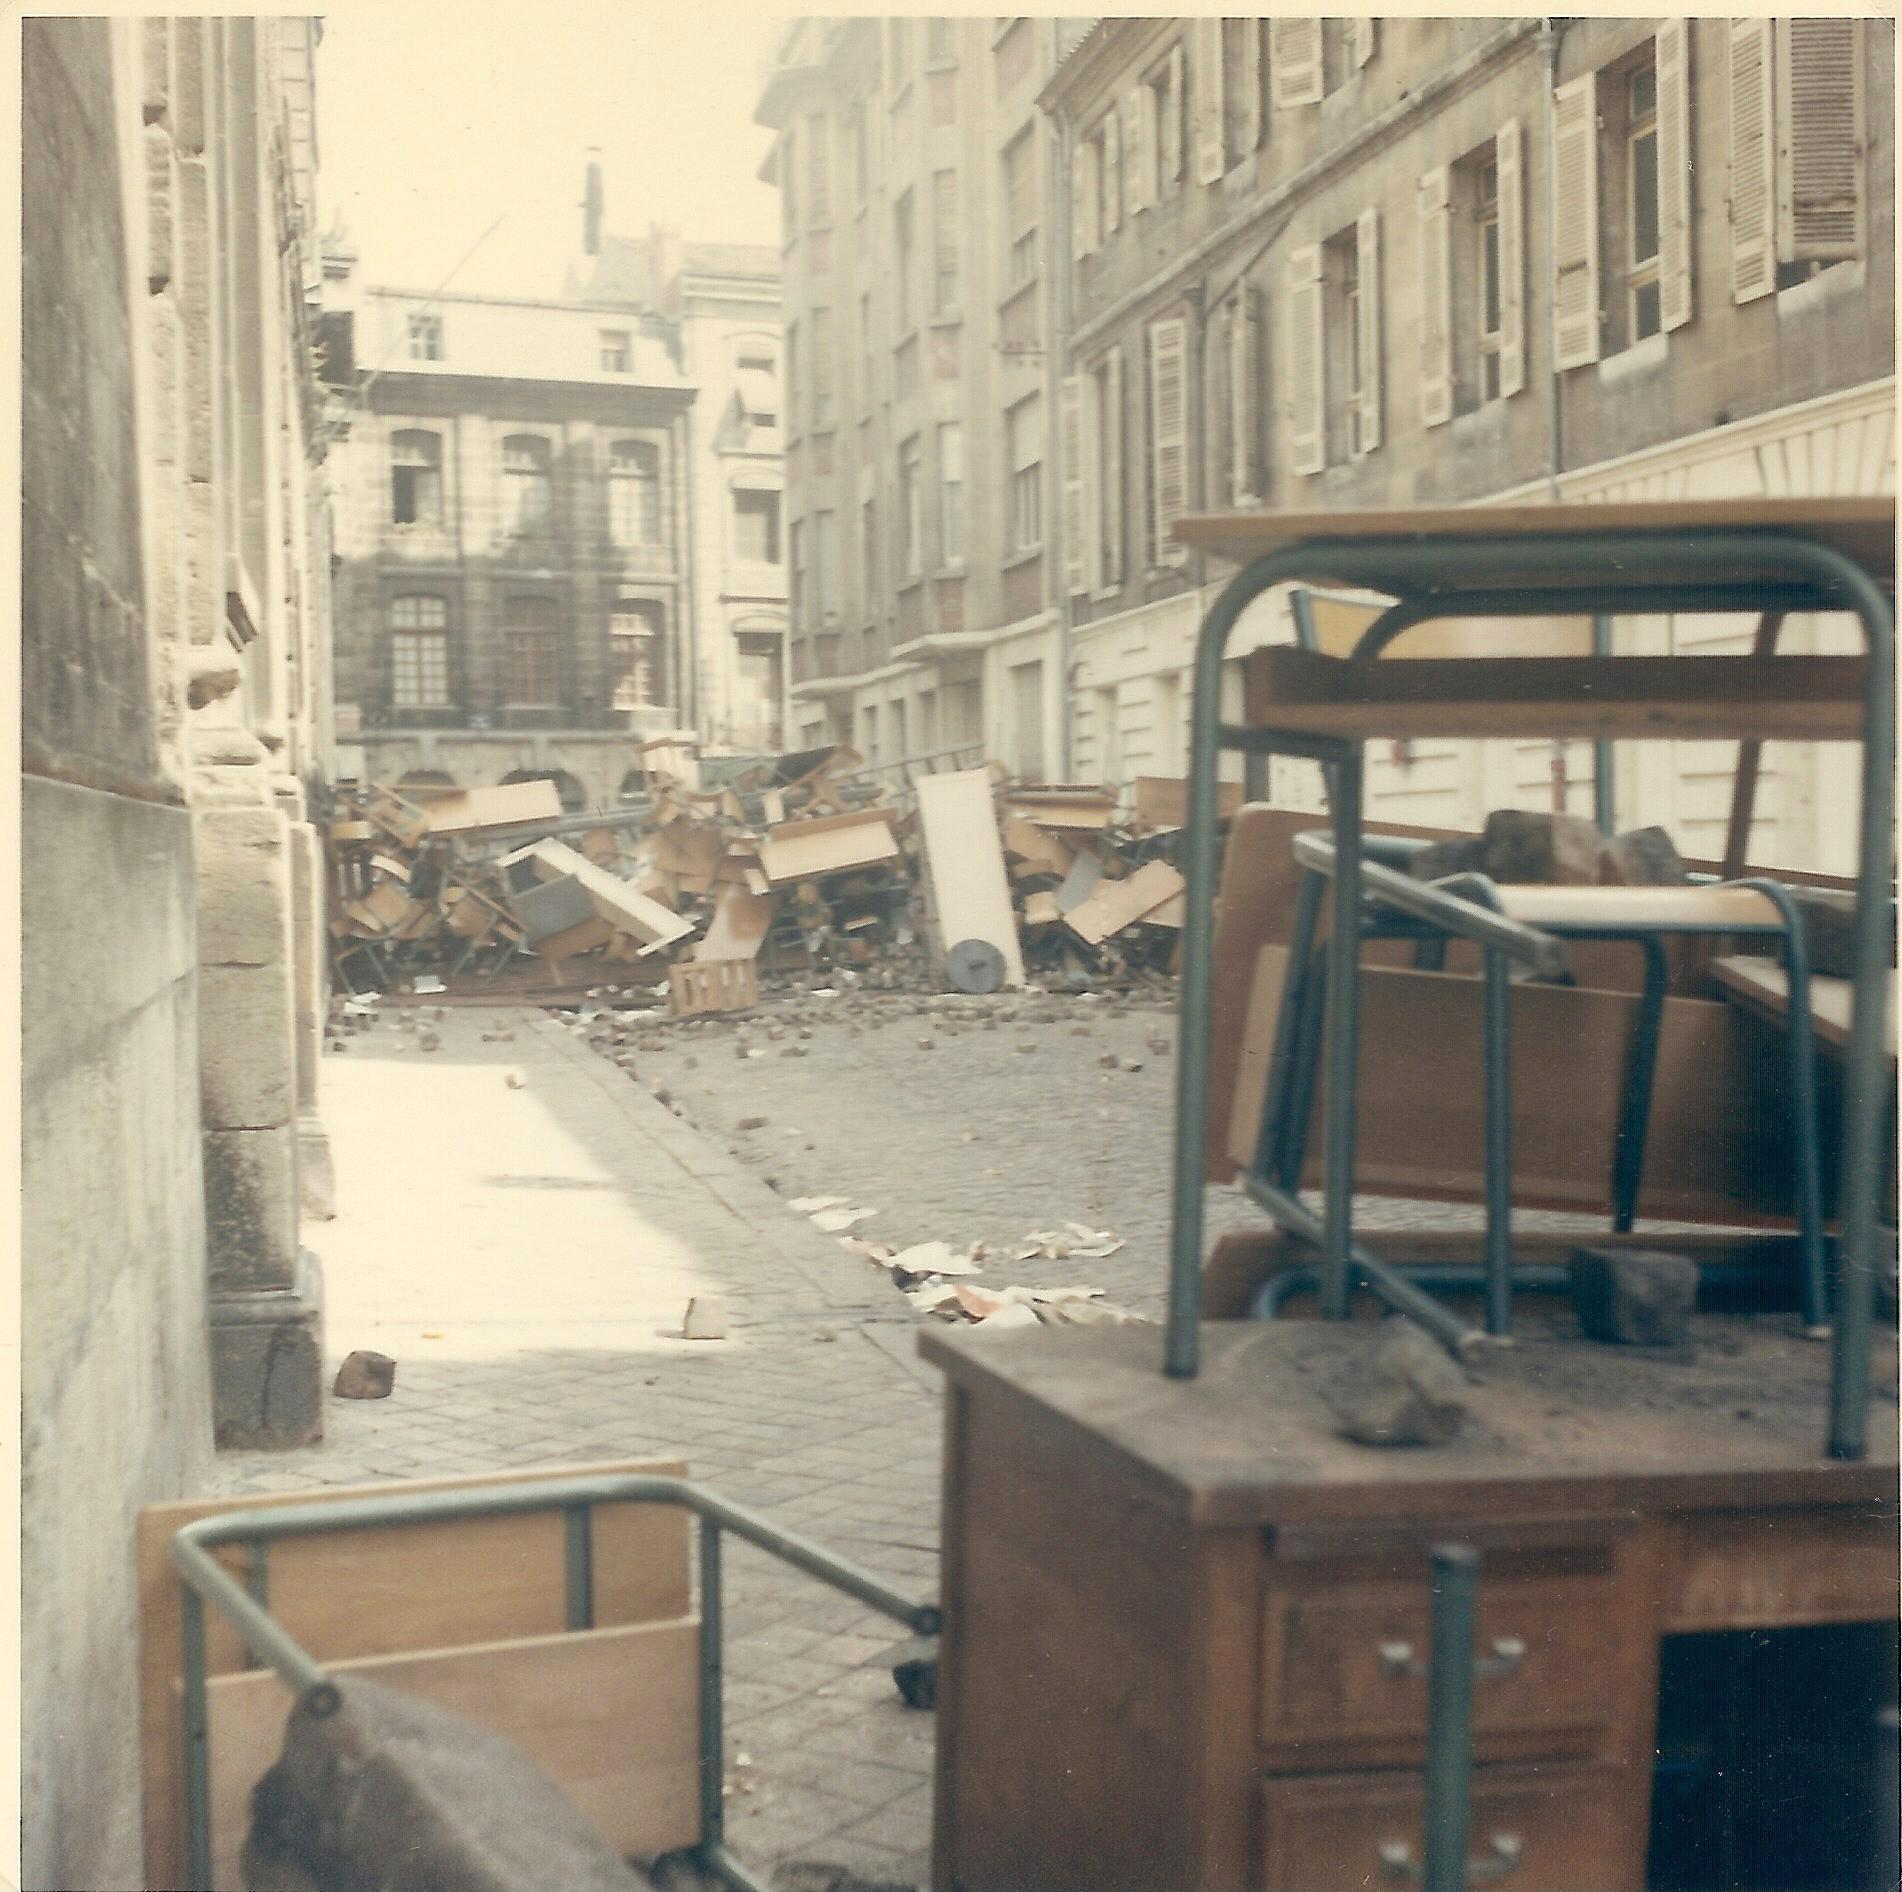 Barricadas na cidade de Bordéus, na França, em maio de 1968 (Foto: Wikimedia/Tangopaso)